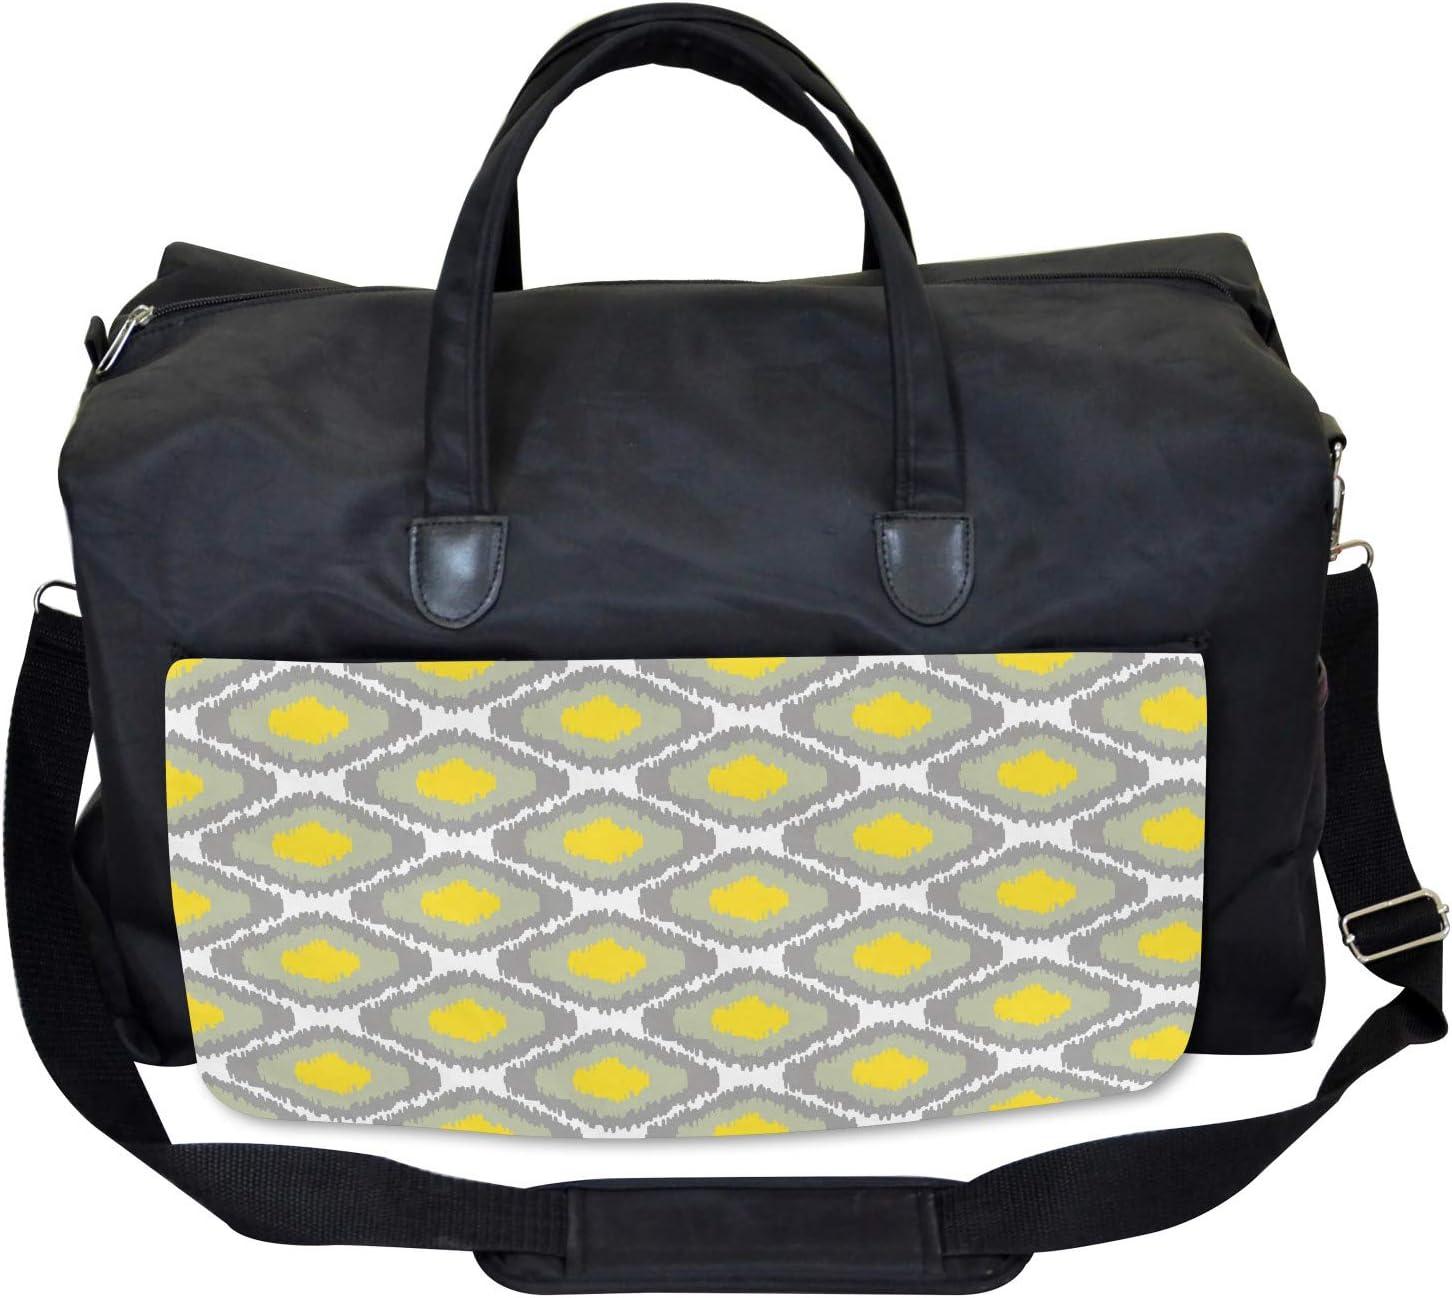 Ambesonne Ikat Gym Bag Old Form Shapes Bundles Large Weekender Carry-on